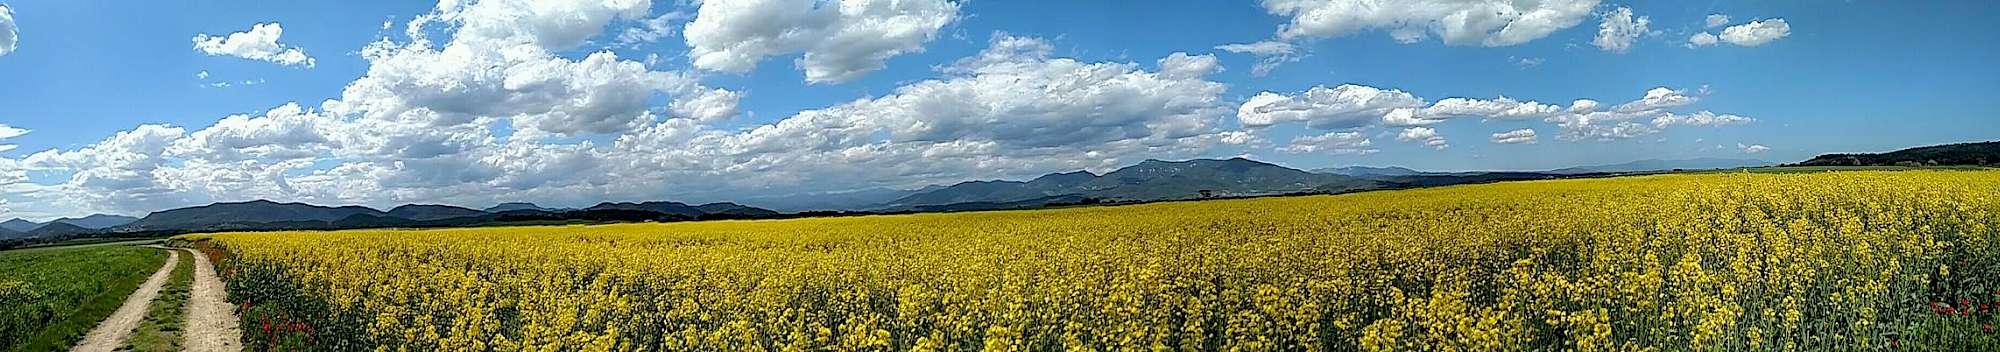 Flower field in Spain